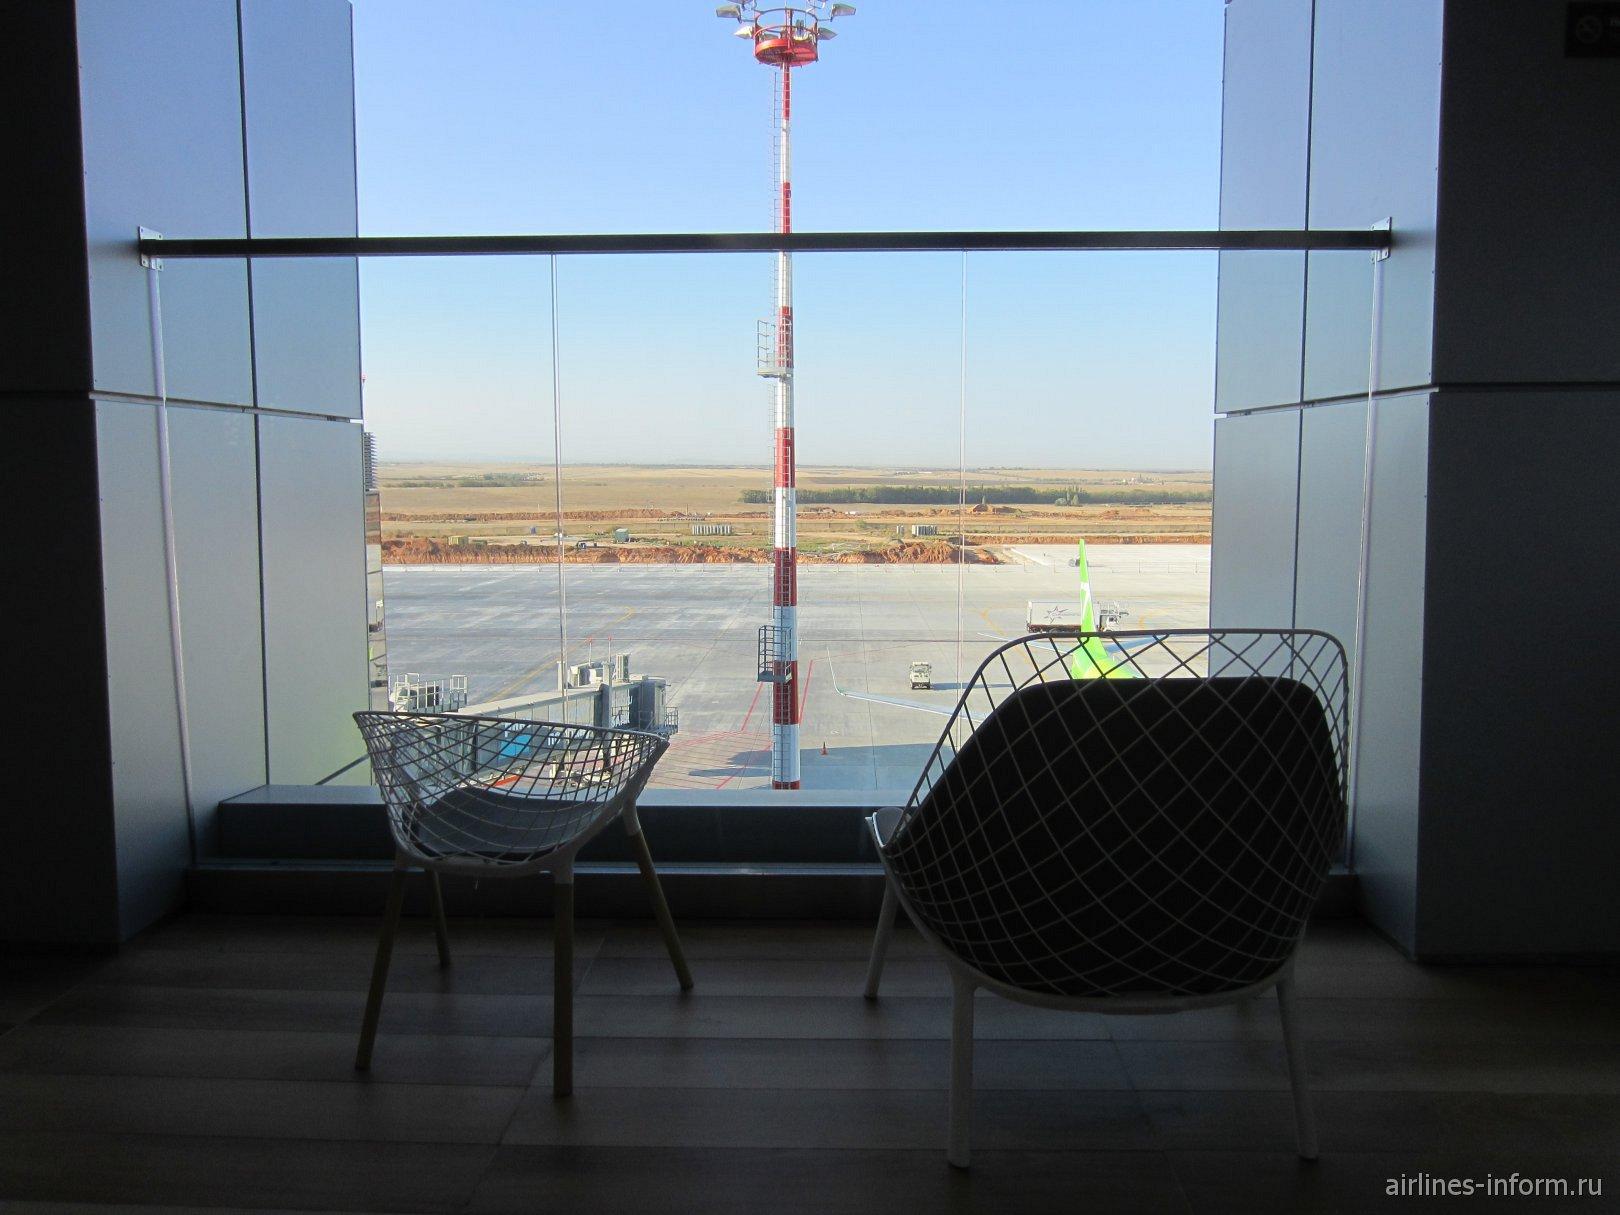 Кресла на террасе с видом на перрон в аэропорту Симферополь